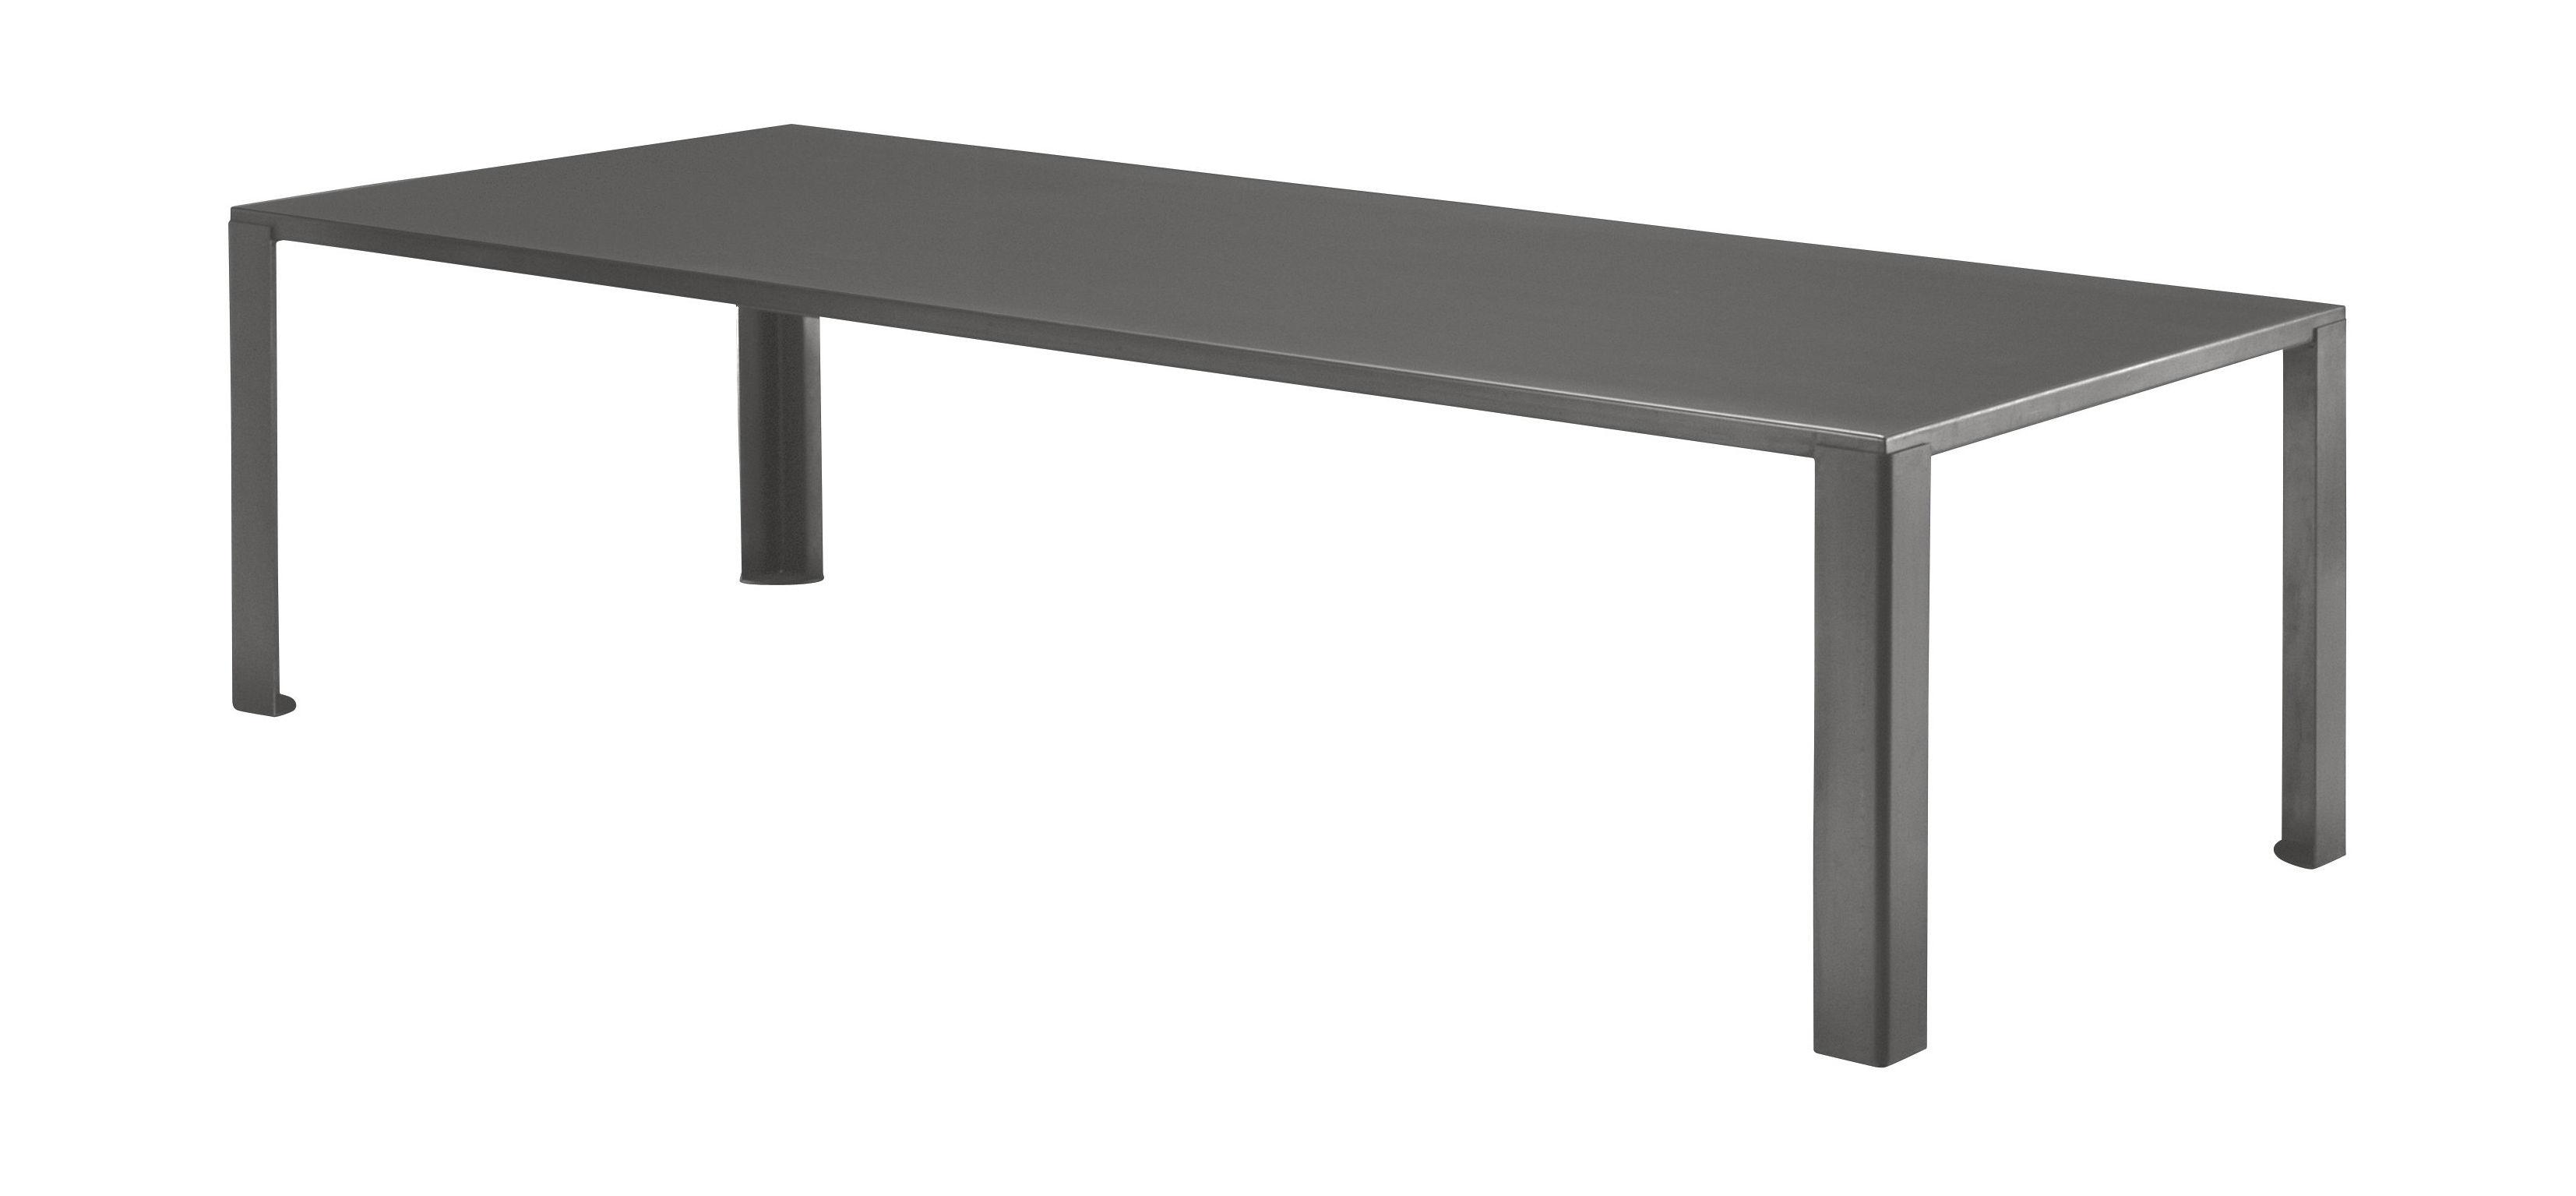 Outdoor - Tische - Big Irony Outdoor Gartentisch / L 200 cm - für den Außeneinsatz - Zeus - Warmes Grau - Acier zingué avec peinture époxy